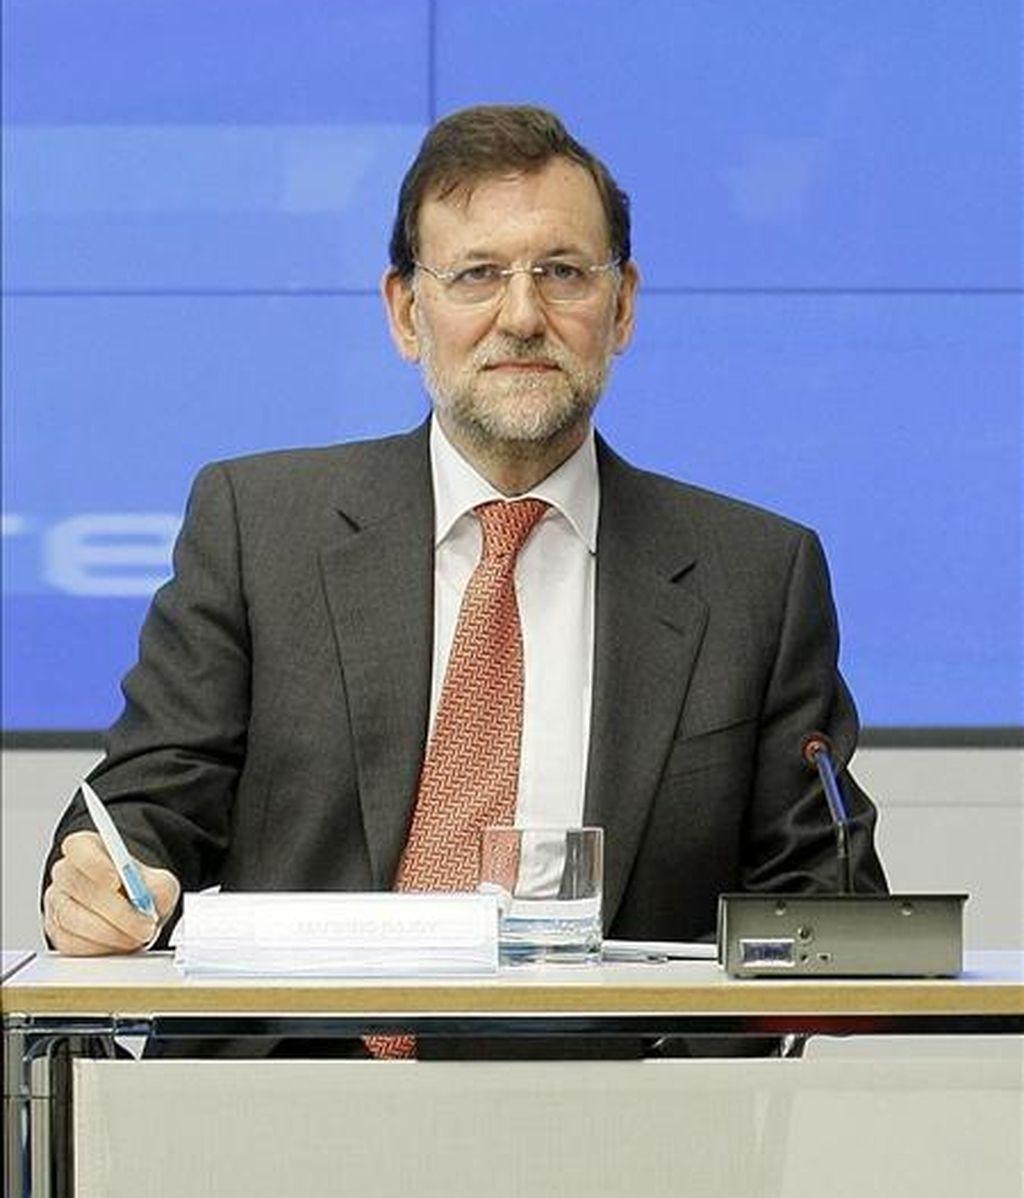 """El presidente del Partido Popular, Mariano Rajoy, ha dicho hoy que está """"absolutamente seguro"""" de que la presidenta de la Comunidad de Madrid, Esperanza Aguirre, va a demostrar su verdad, tras autorizar una comisión de investigación sobre una supuesta trama de espionaje en la Comunidad. EFE/archivo"""